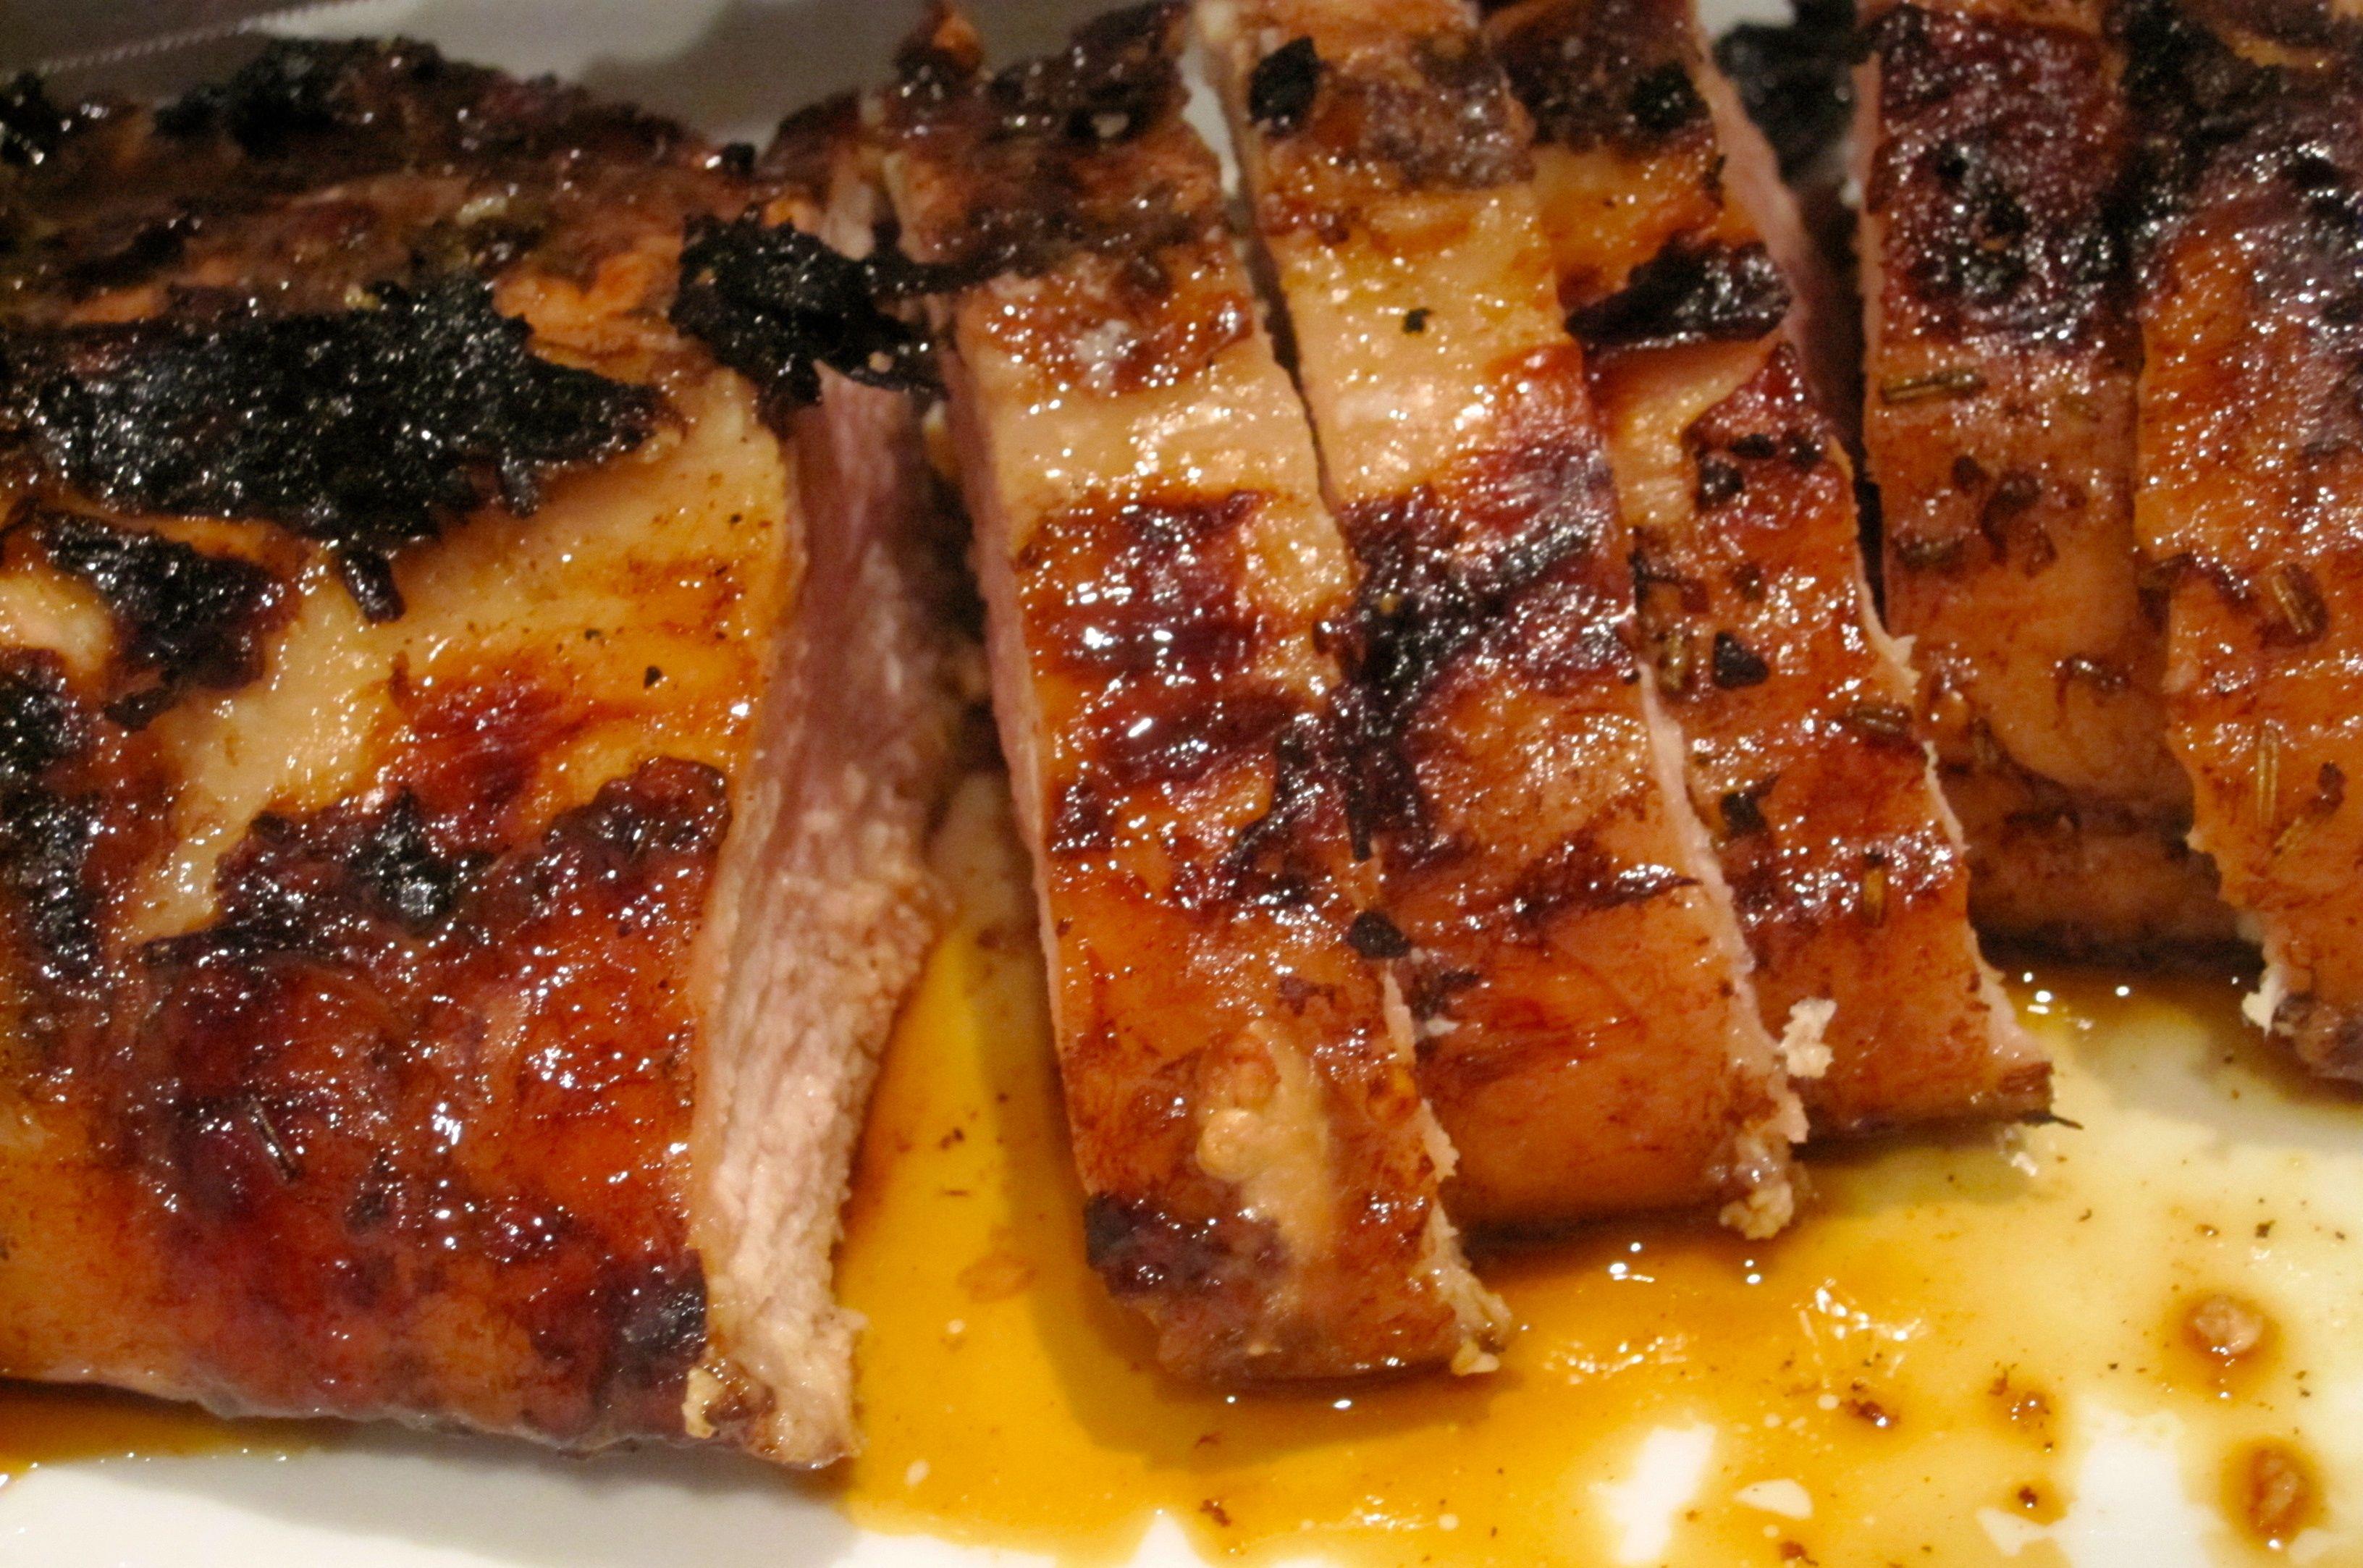 Balsamic Vinegar-Red Pepper Marinated Pork Tenderloin